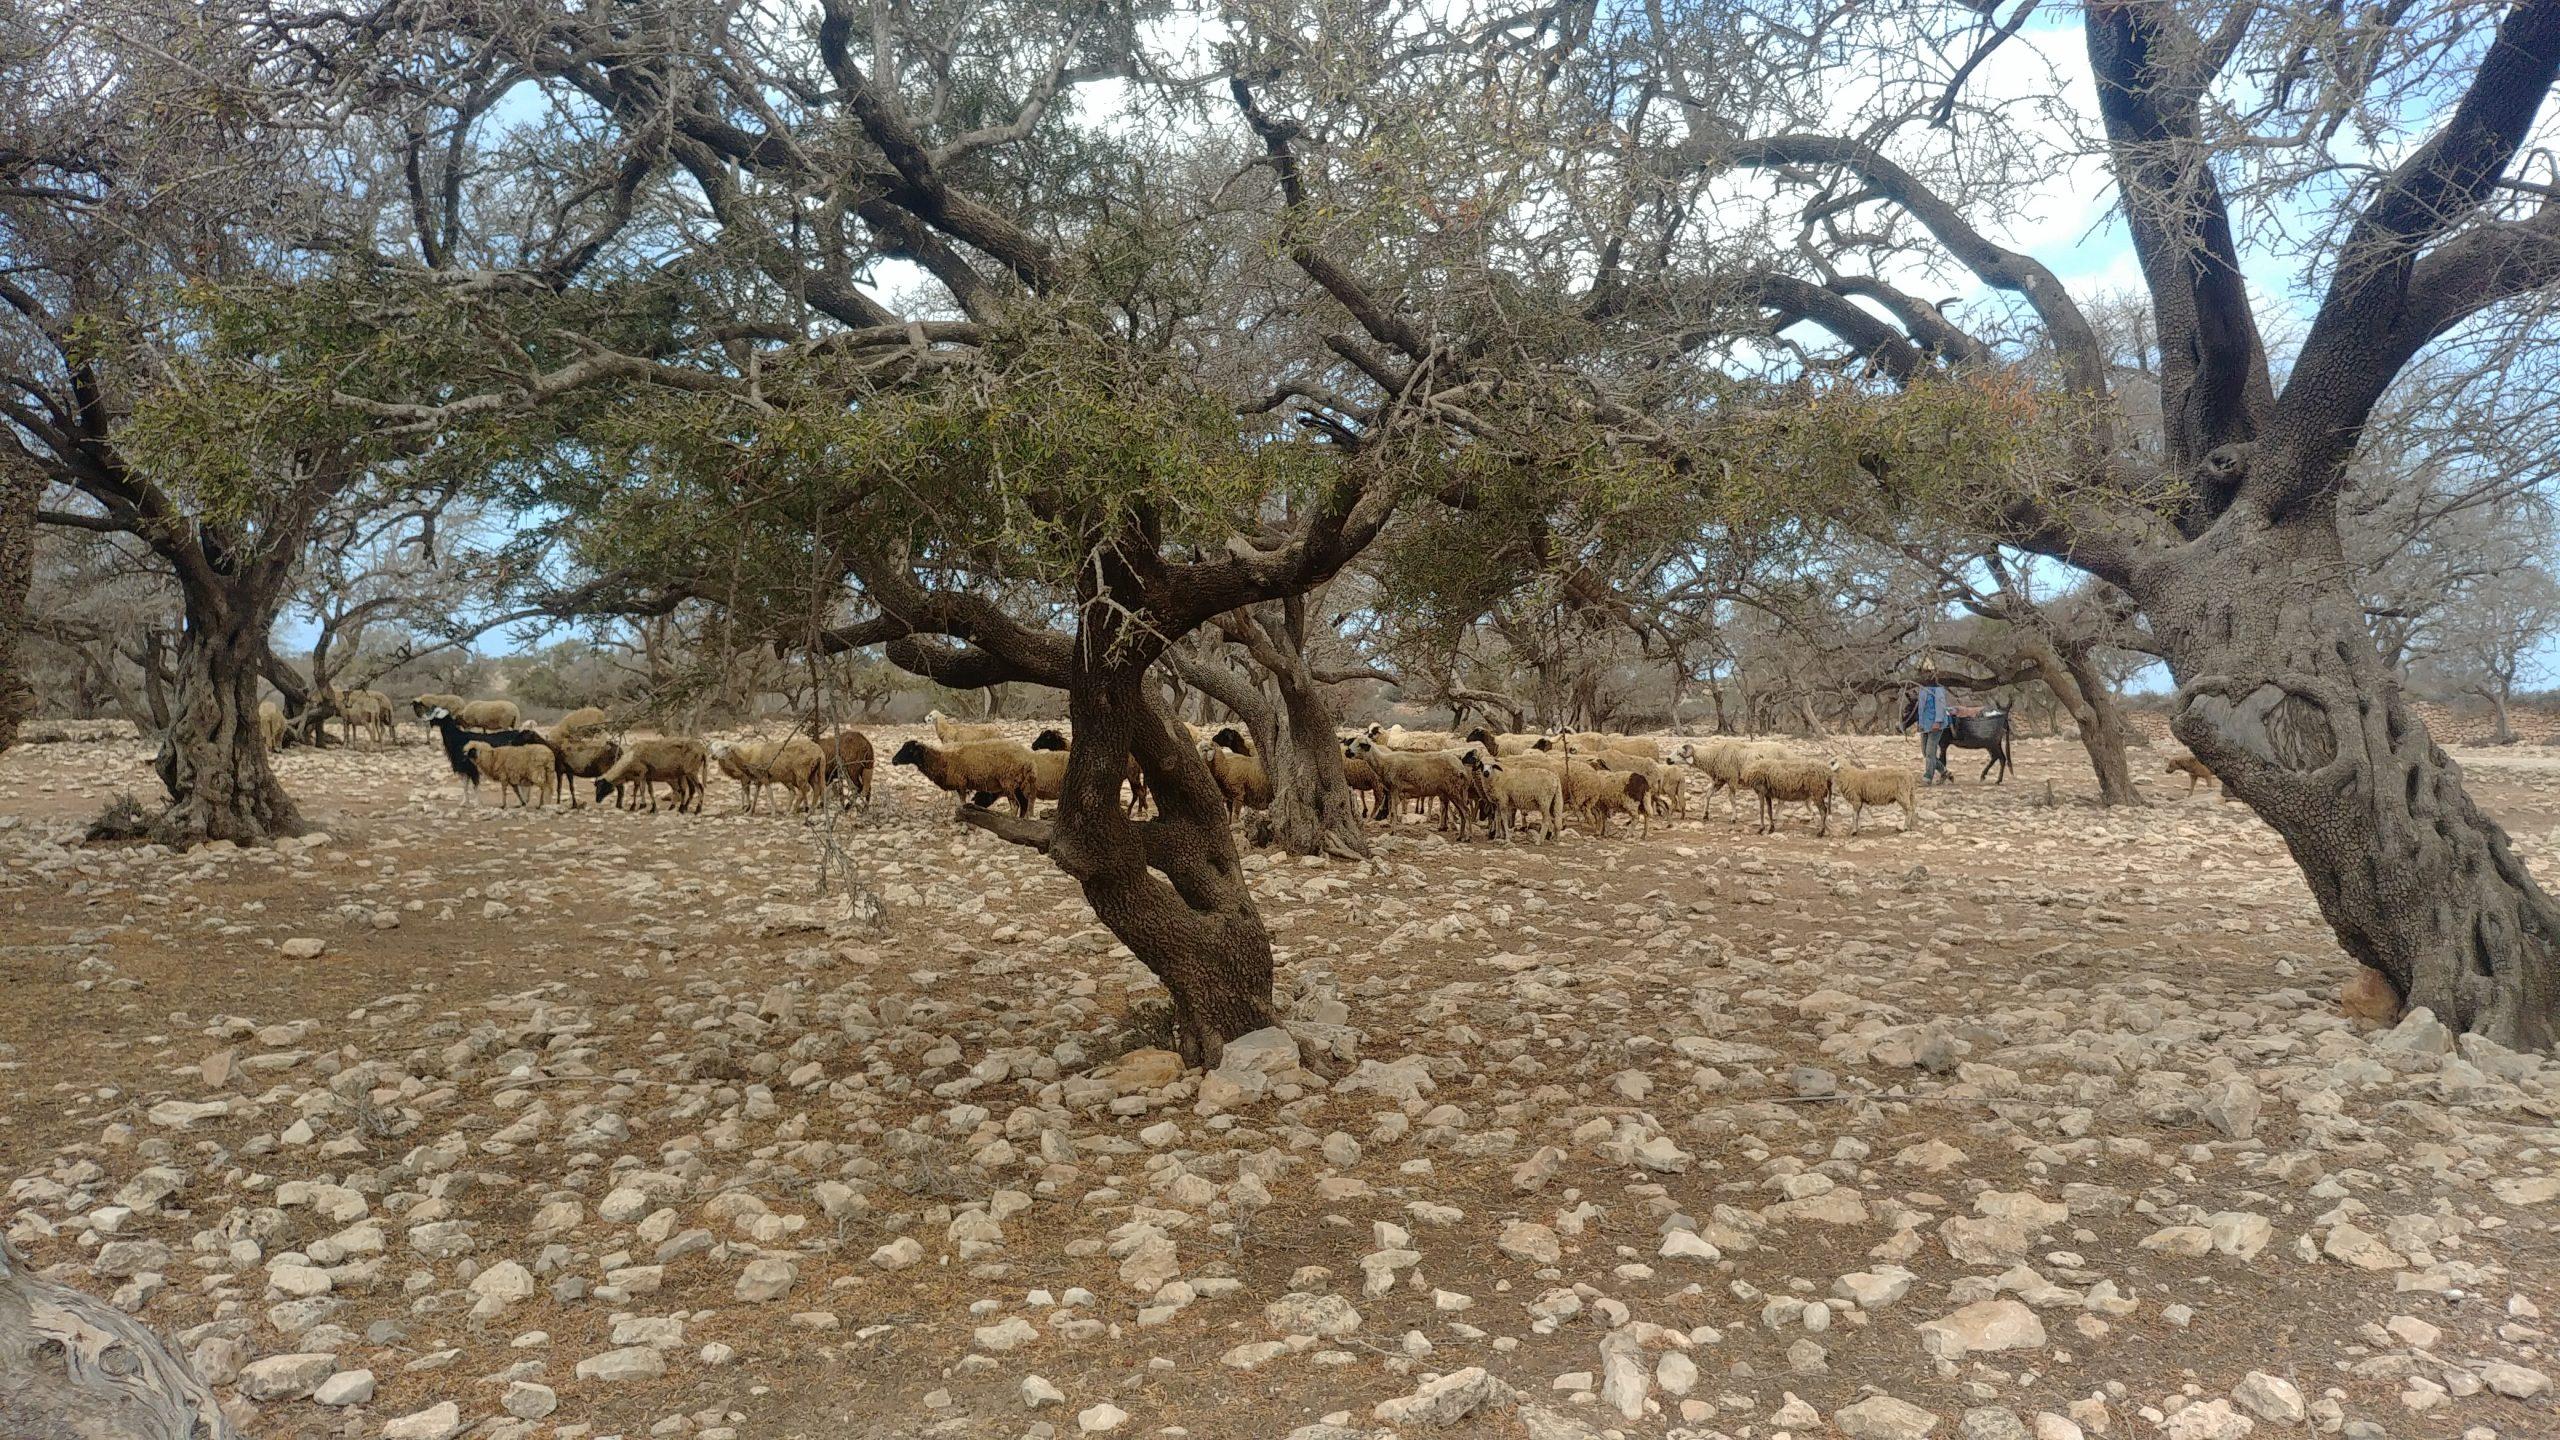 Maroc - Randonnée à cheval à Essaouira et Sidi Kaouki, troupeau de moutons